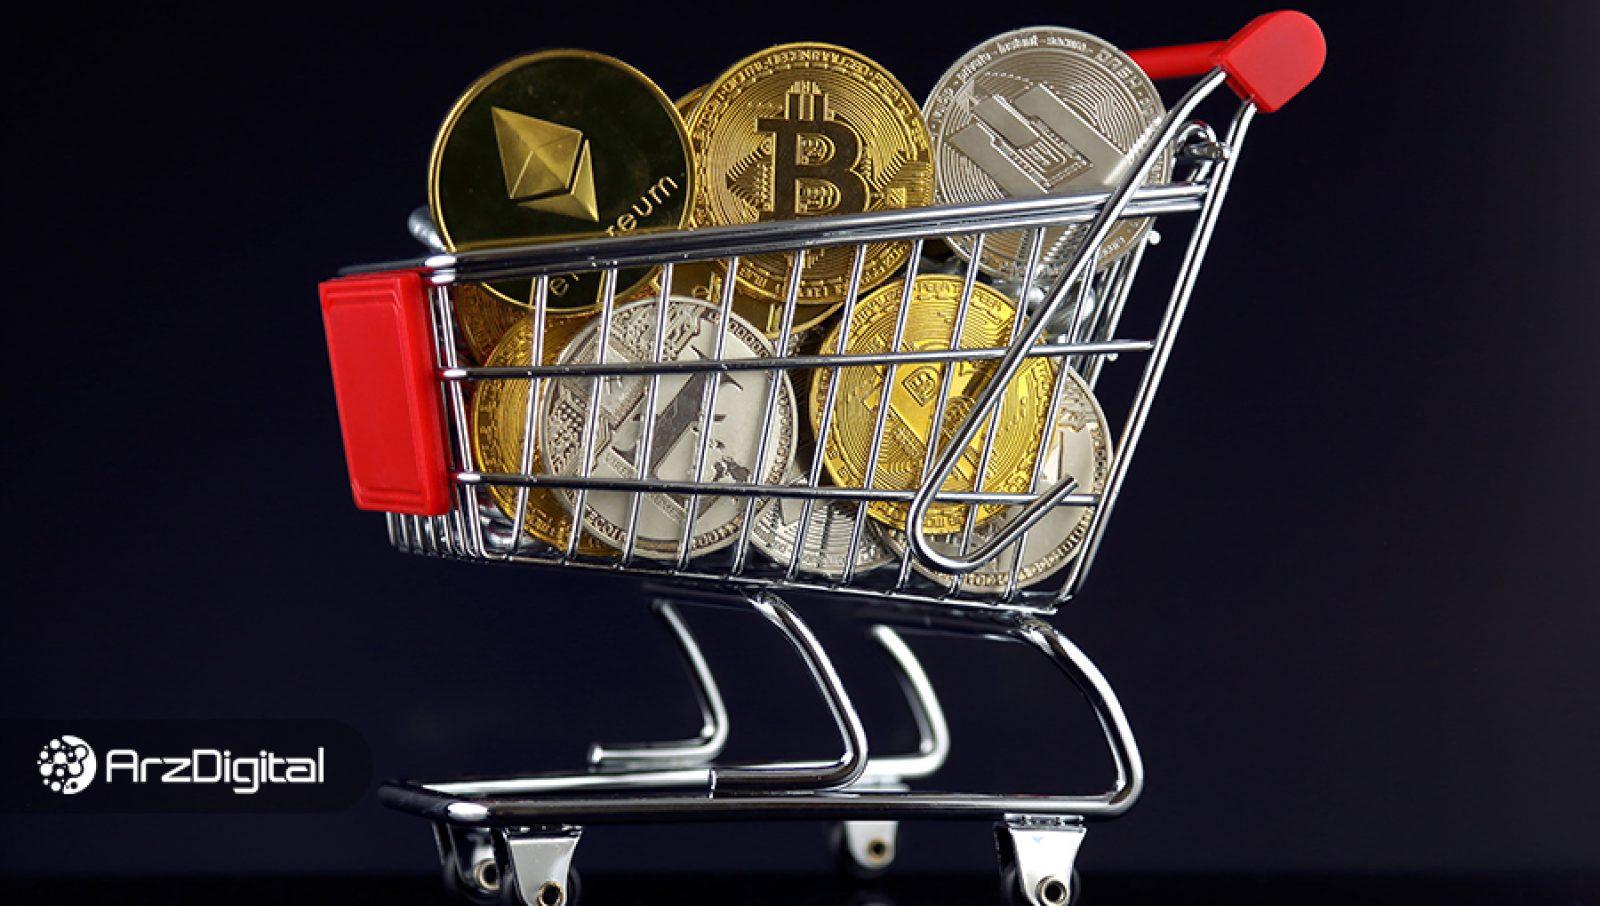 پنج ارز دیجیتالی که معامله گران در این هفته باید زیر نظر بگیرند